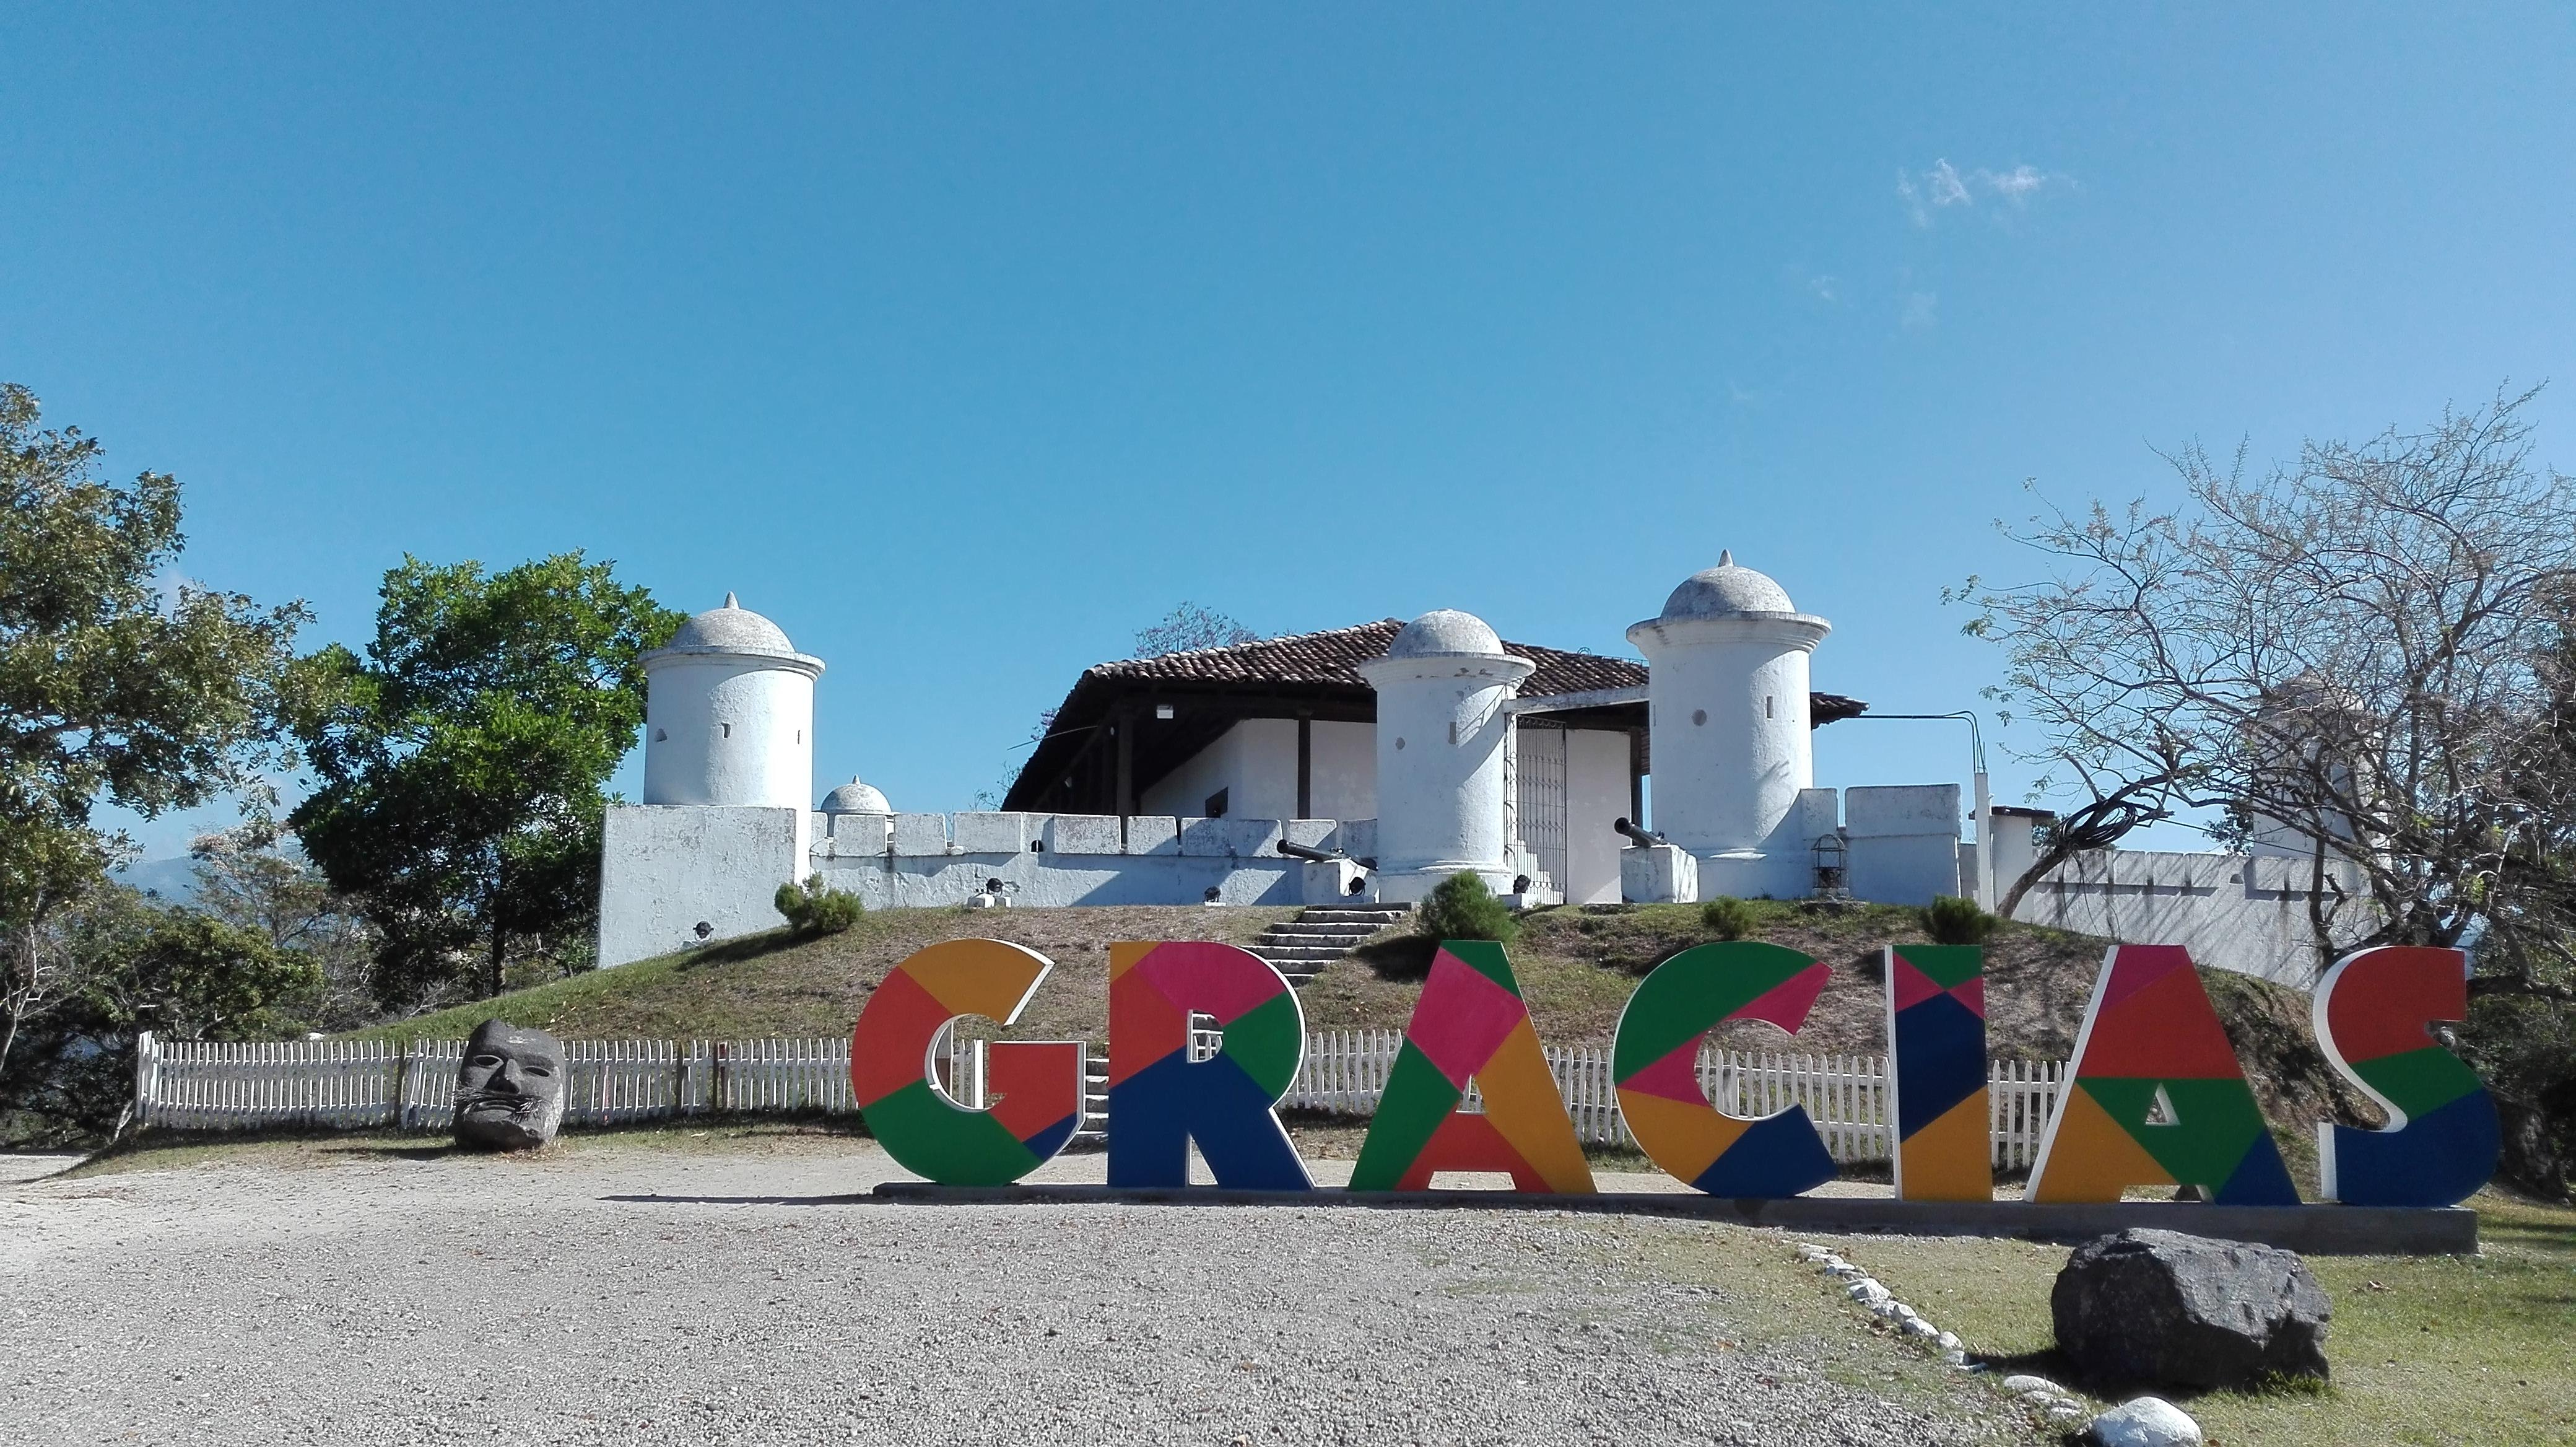 Archivo:Fuerte San Cristóbal Gracias Honduras 02.jpg - Wikipedia, la  enciclopedia libre